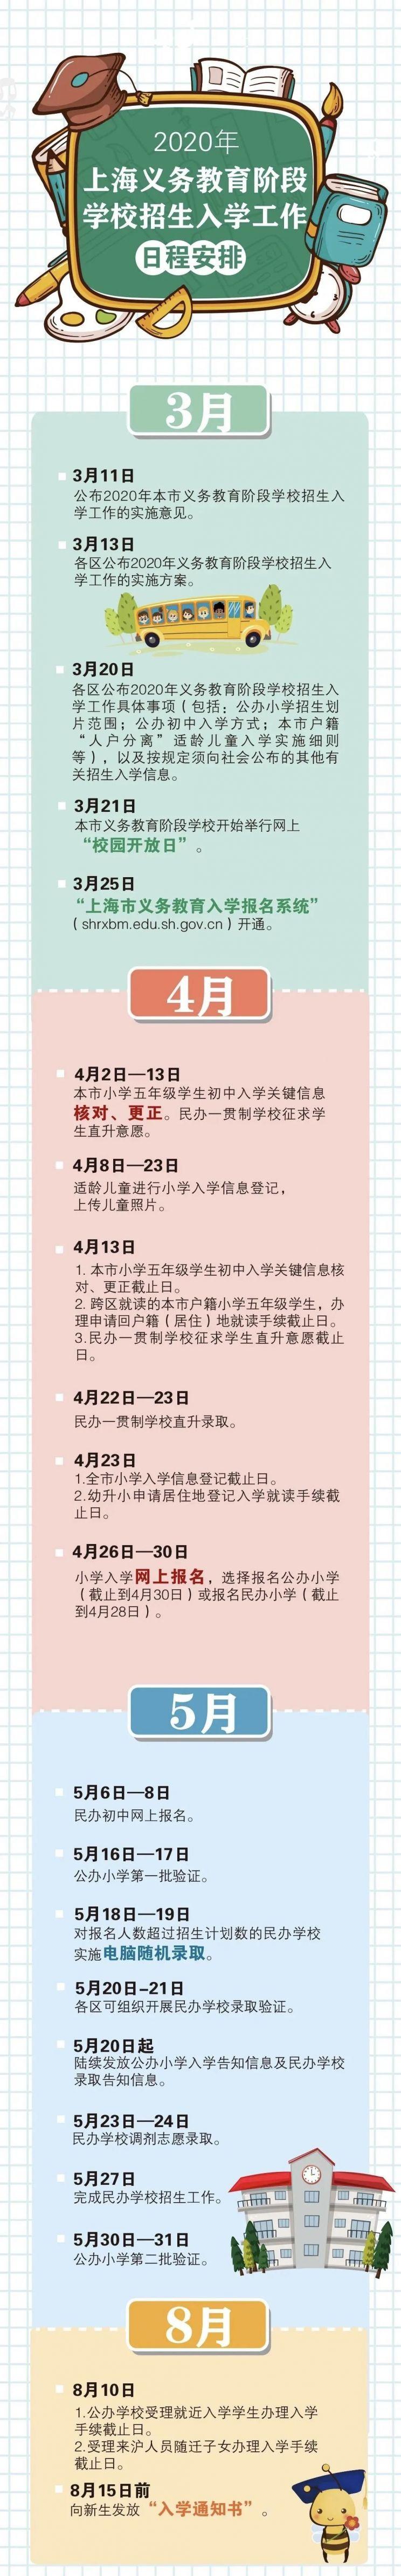 2020年上海义务教育招生入学工作日程安排